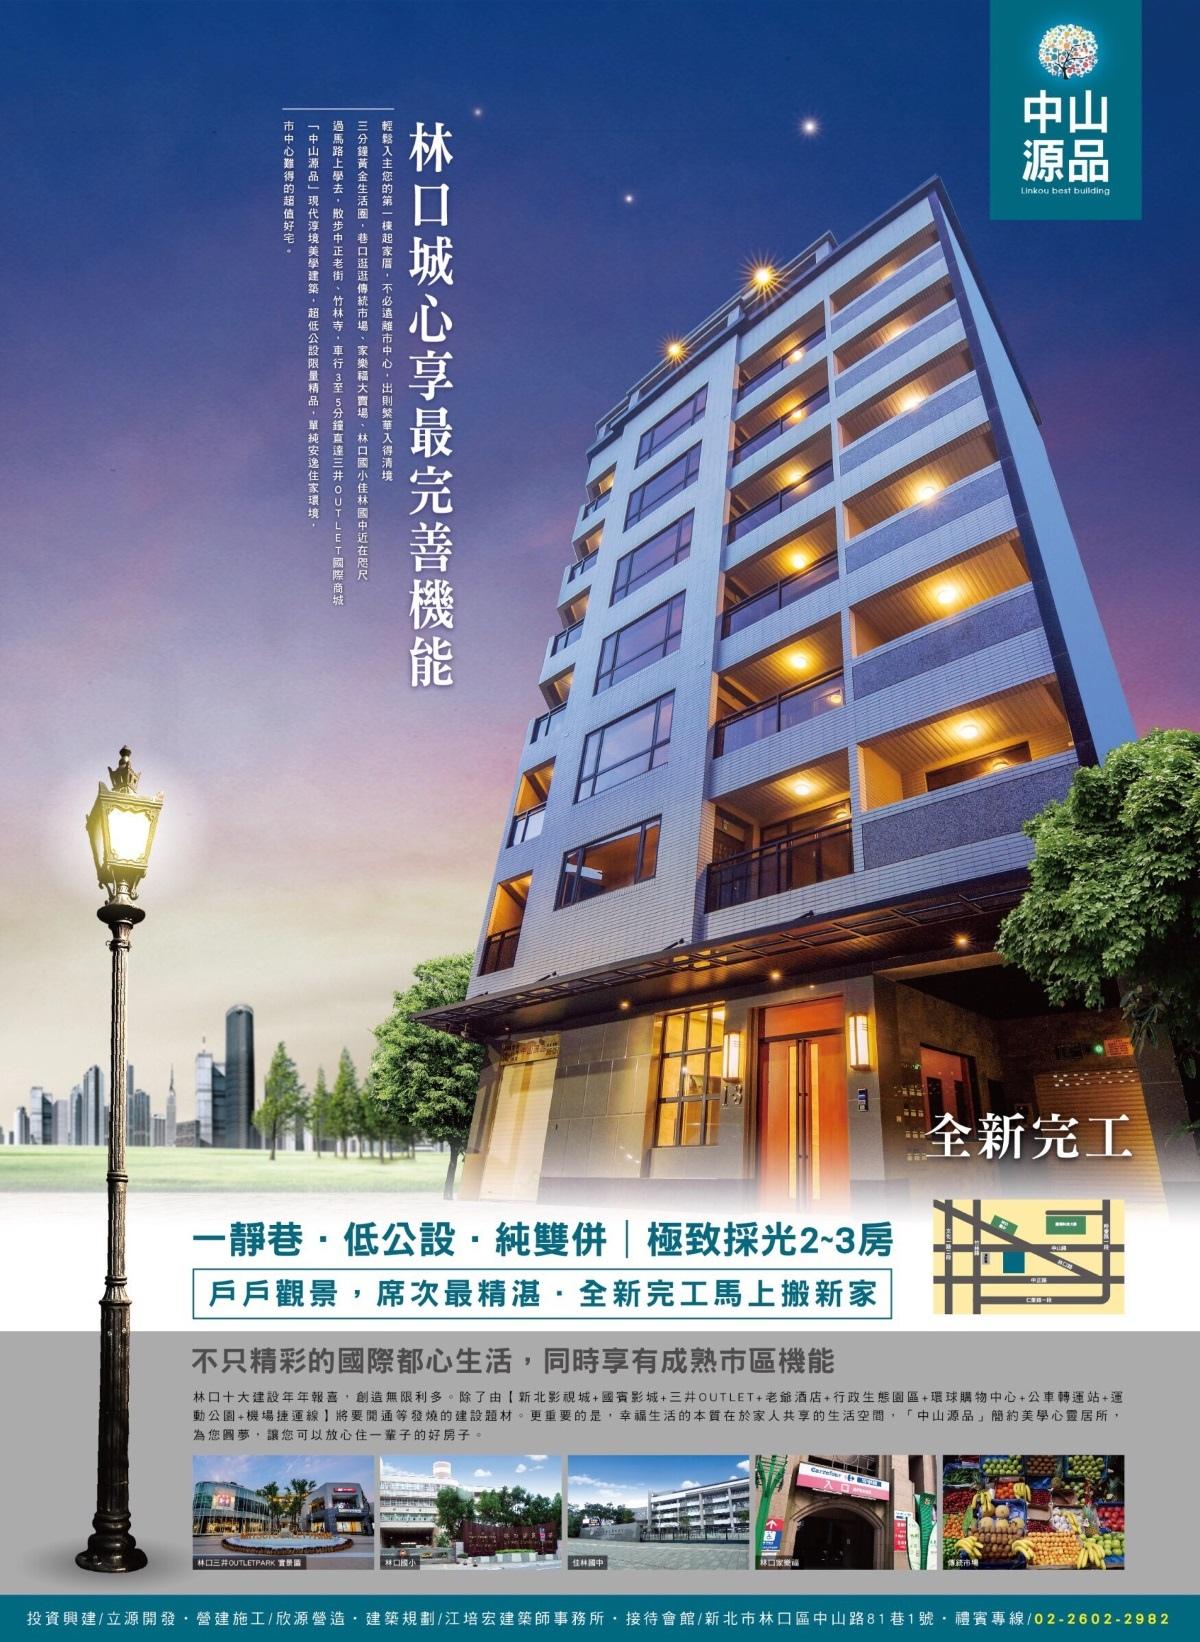 [林口國小]立源開發-中山源品(大樓)2016-07-15 013.JPG